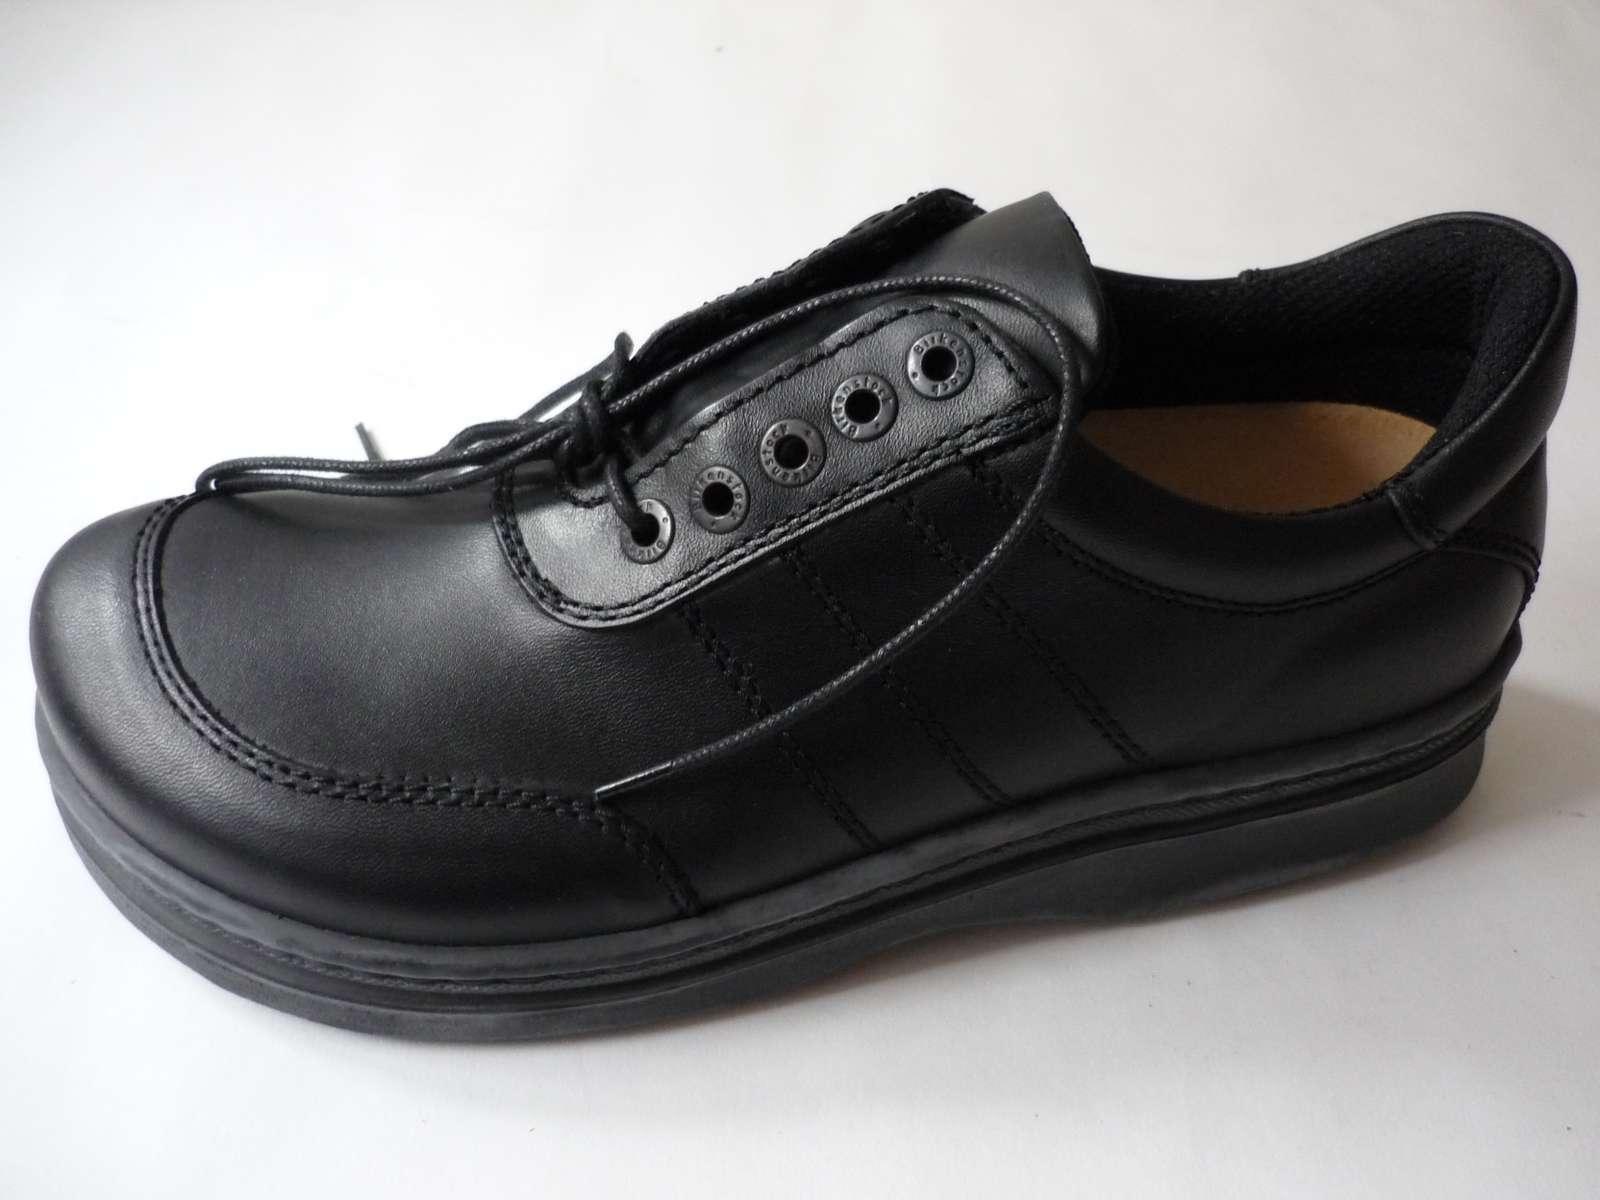 Footprints Richmond by Birkenstock 39 39,5 Medio 40 41 Nero Marrone Medio 39,5 Nuovo a6c471